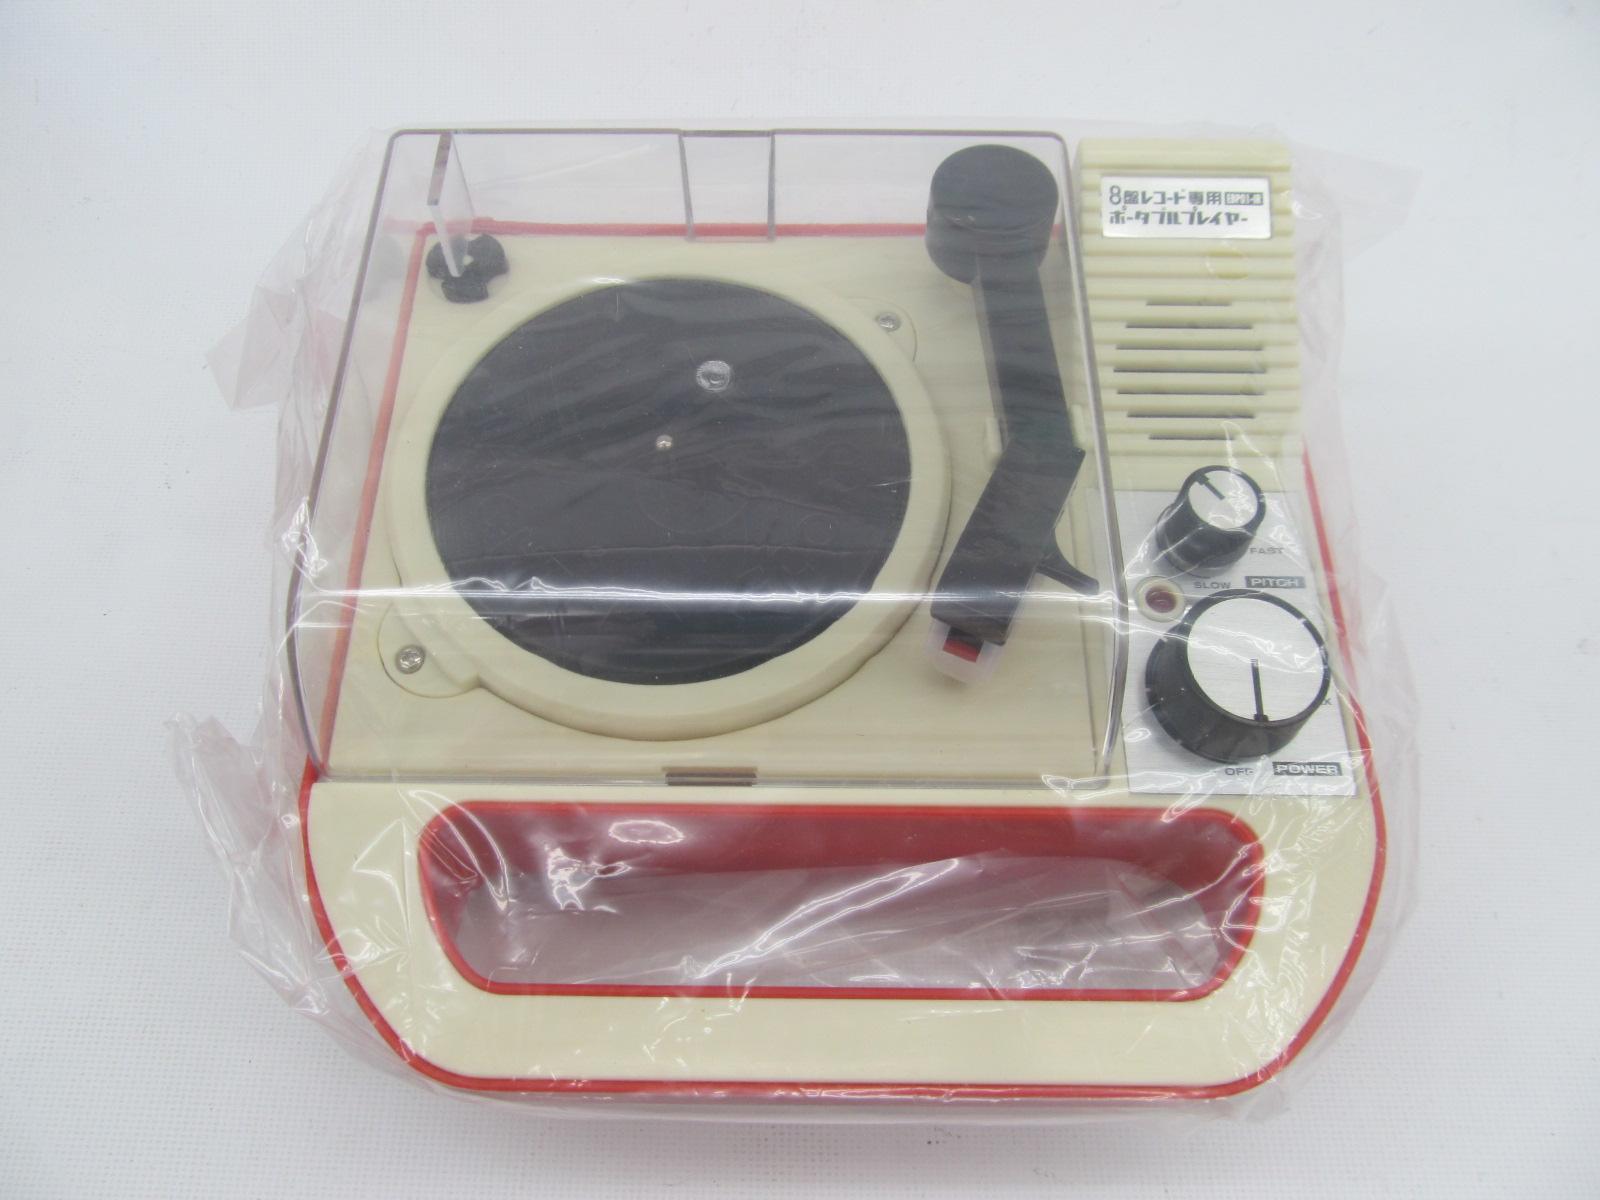 超スモールサイズのレコードプレーヤー!_[2]